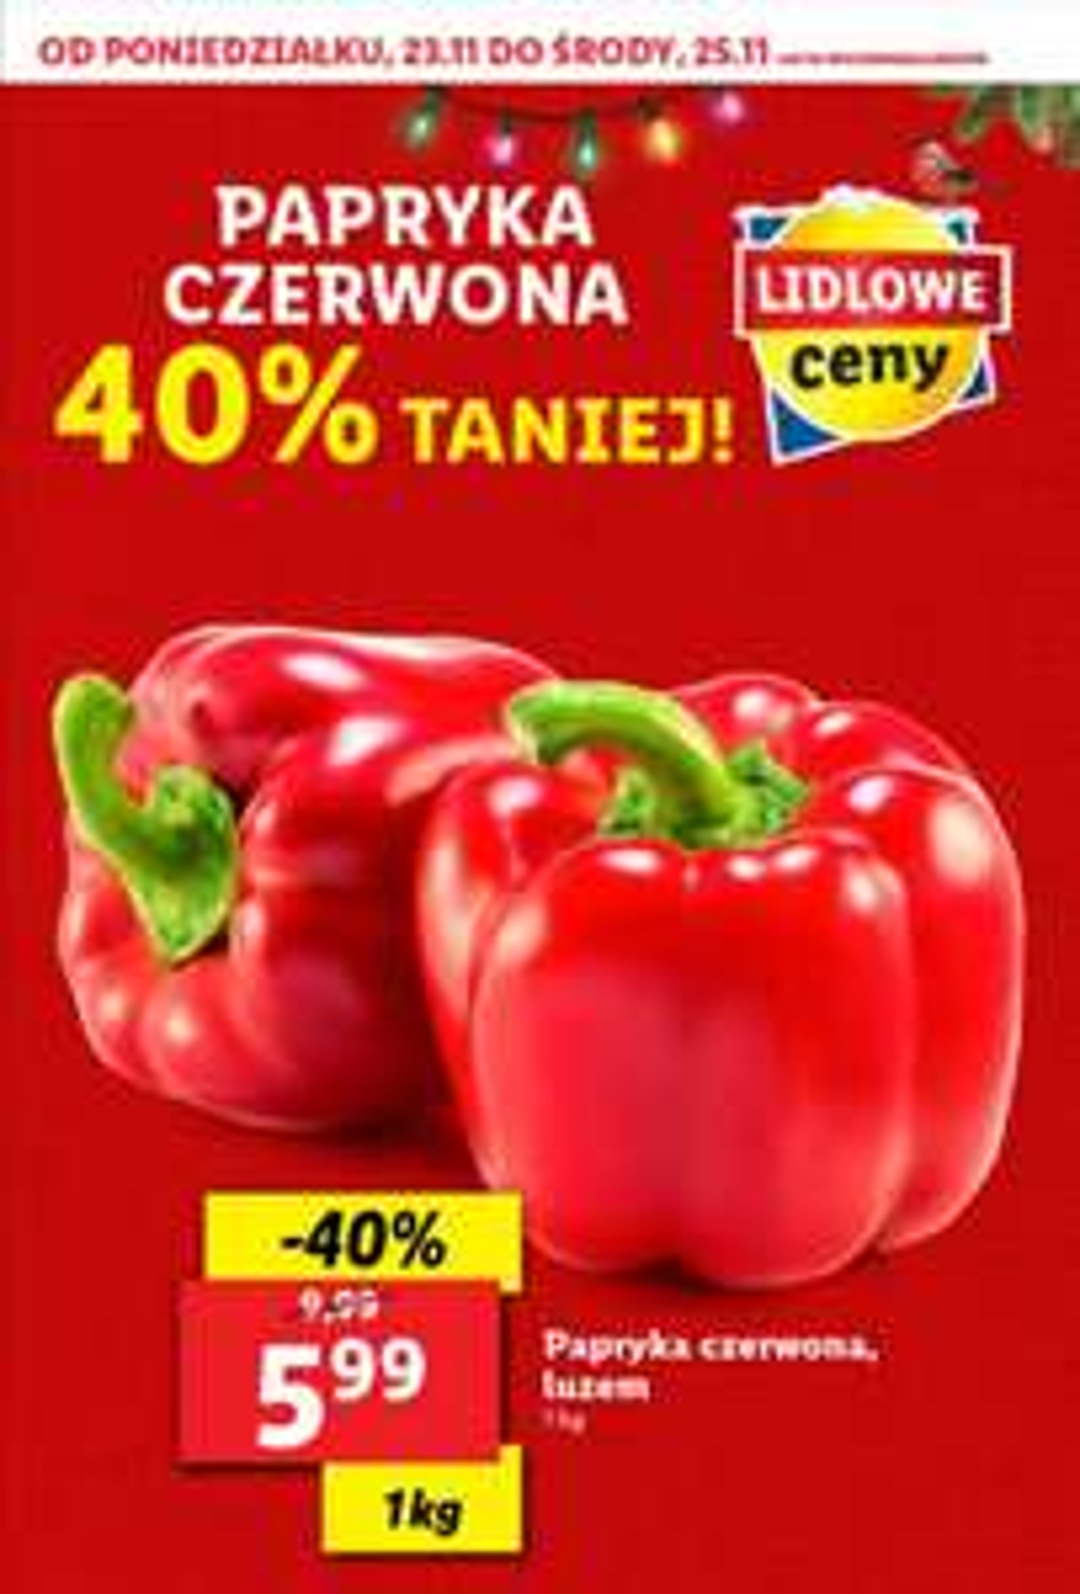 Papryka czerwona cena za kg-lidl